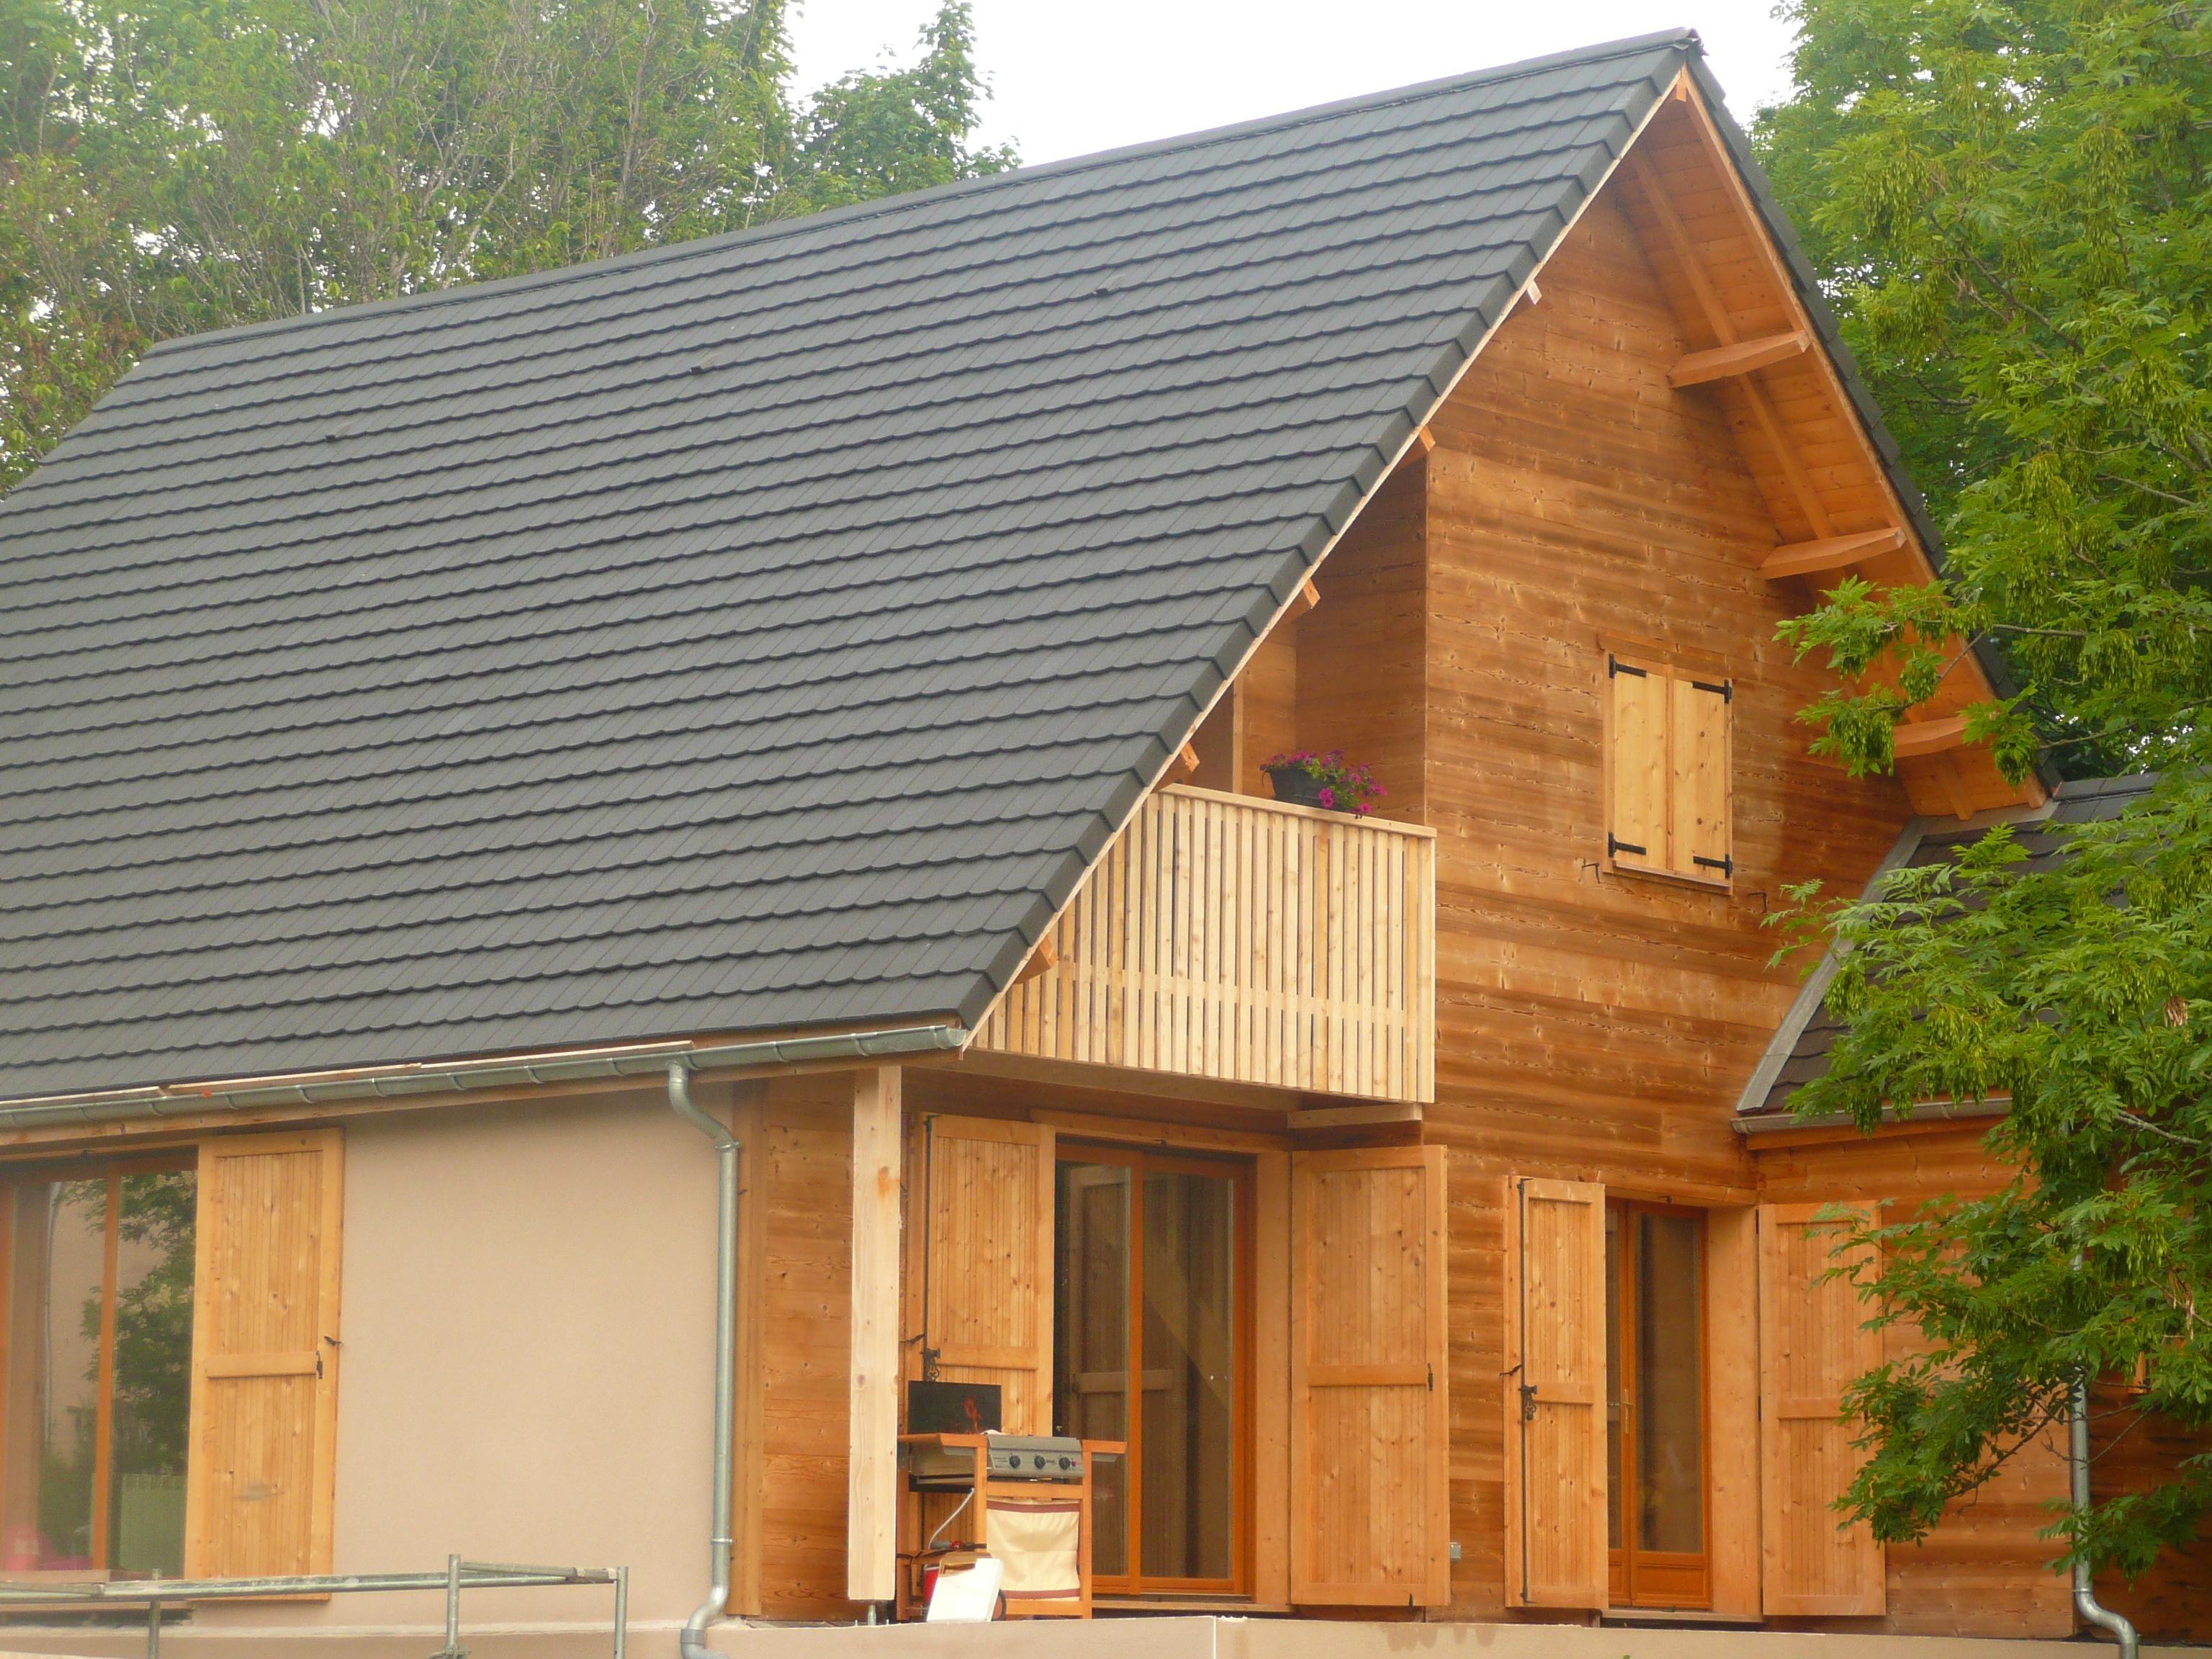 Maison Bois Lac ~ Catodon com Obtenez des idées de design intéressantes en utilisant du bois